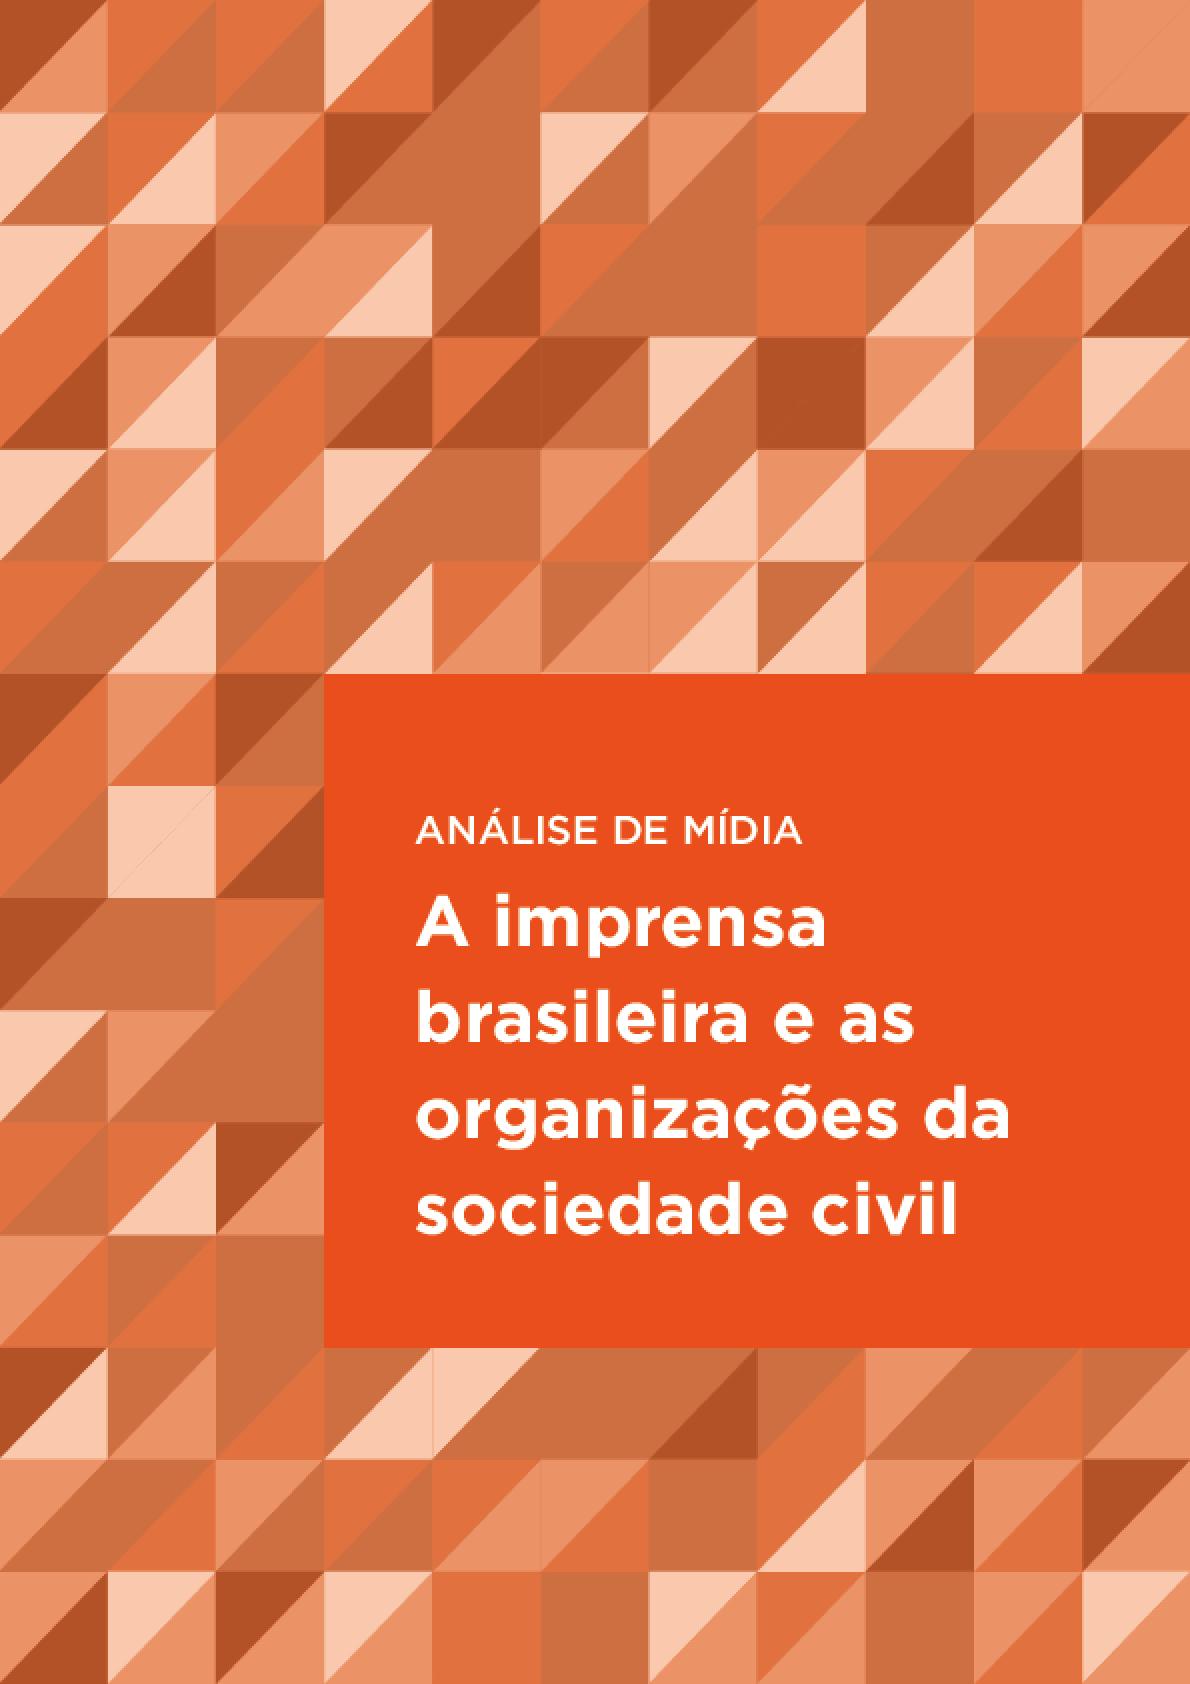 Análise de mídia: a imprensa brasileira e as organizações da sociedade civil